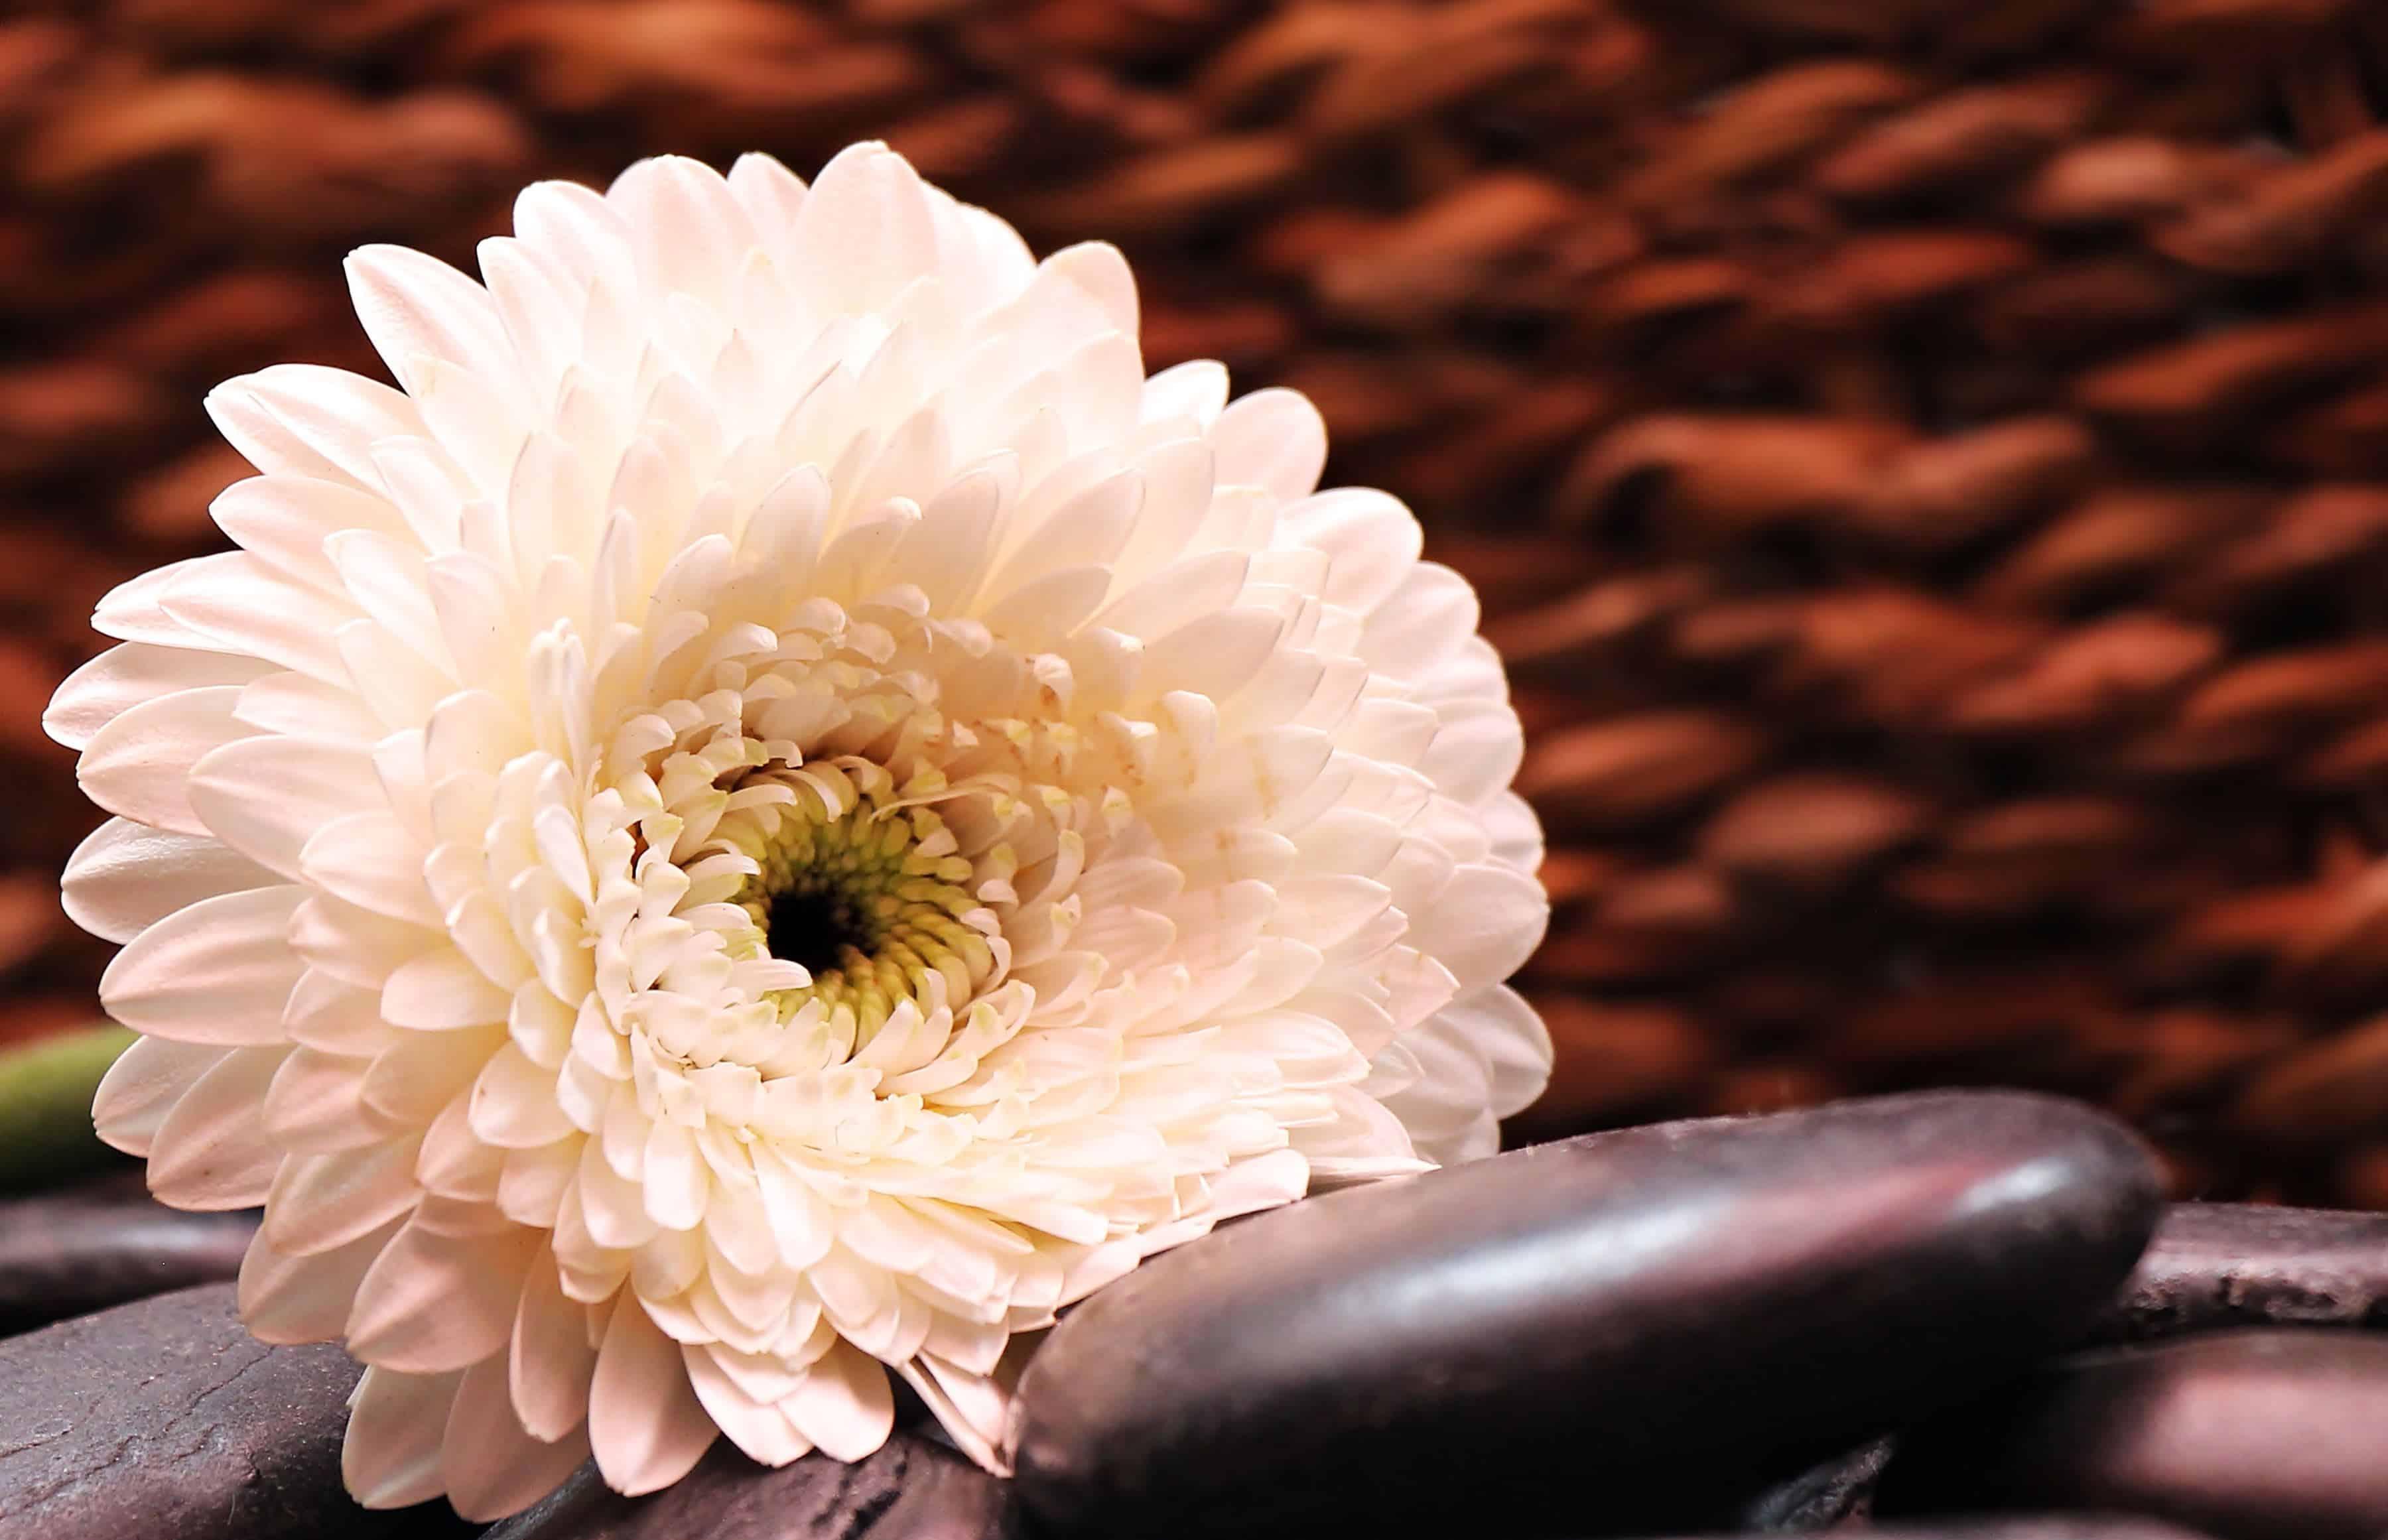 Image Libre Nature Fleur Rose Petale Nature Morte Decoration